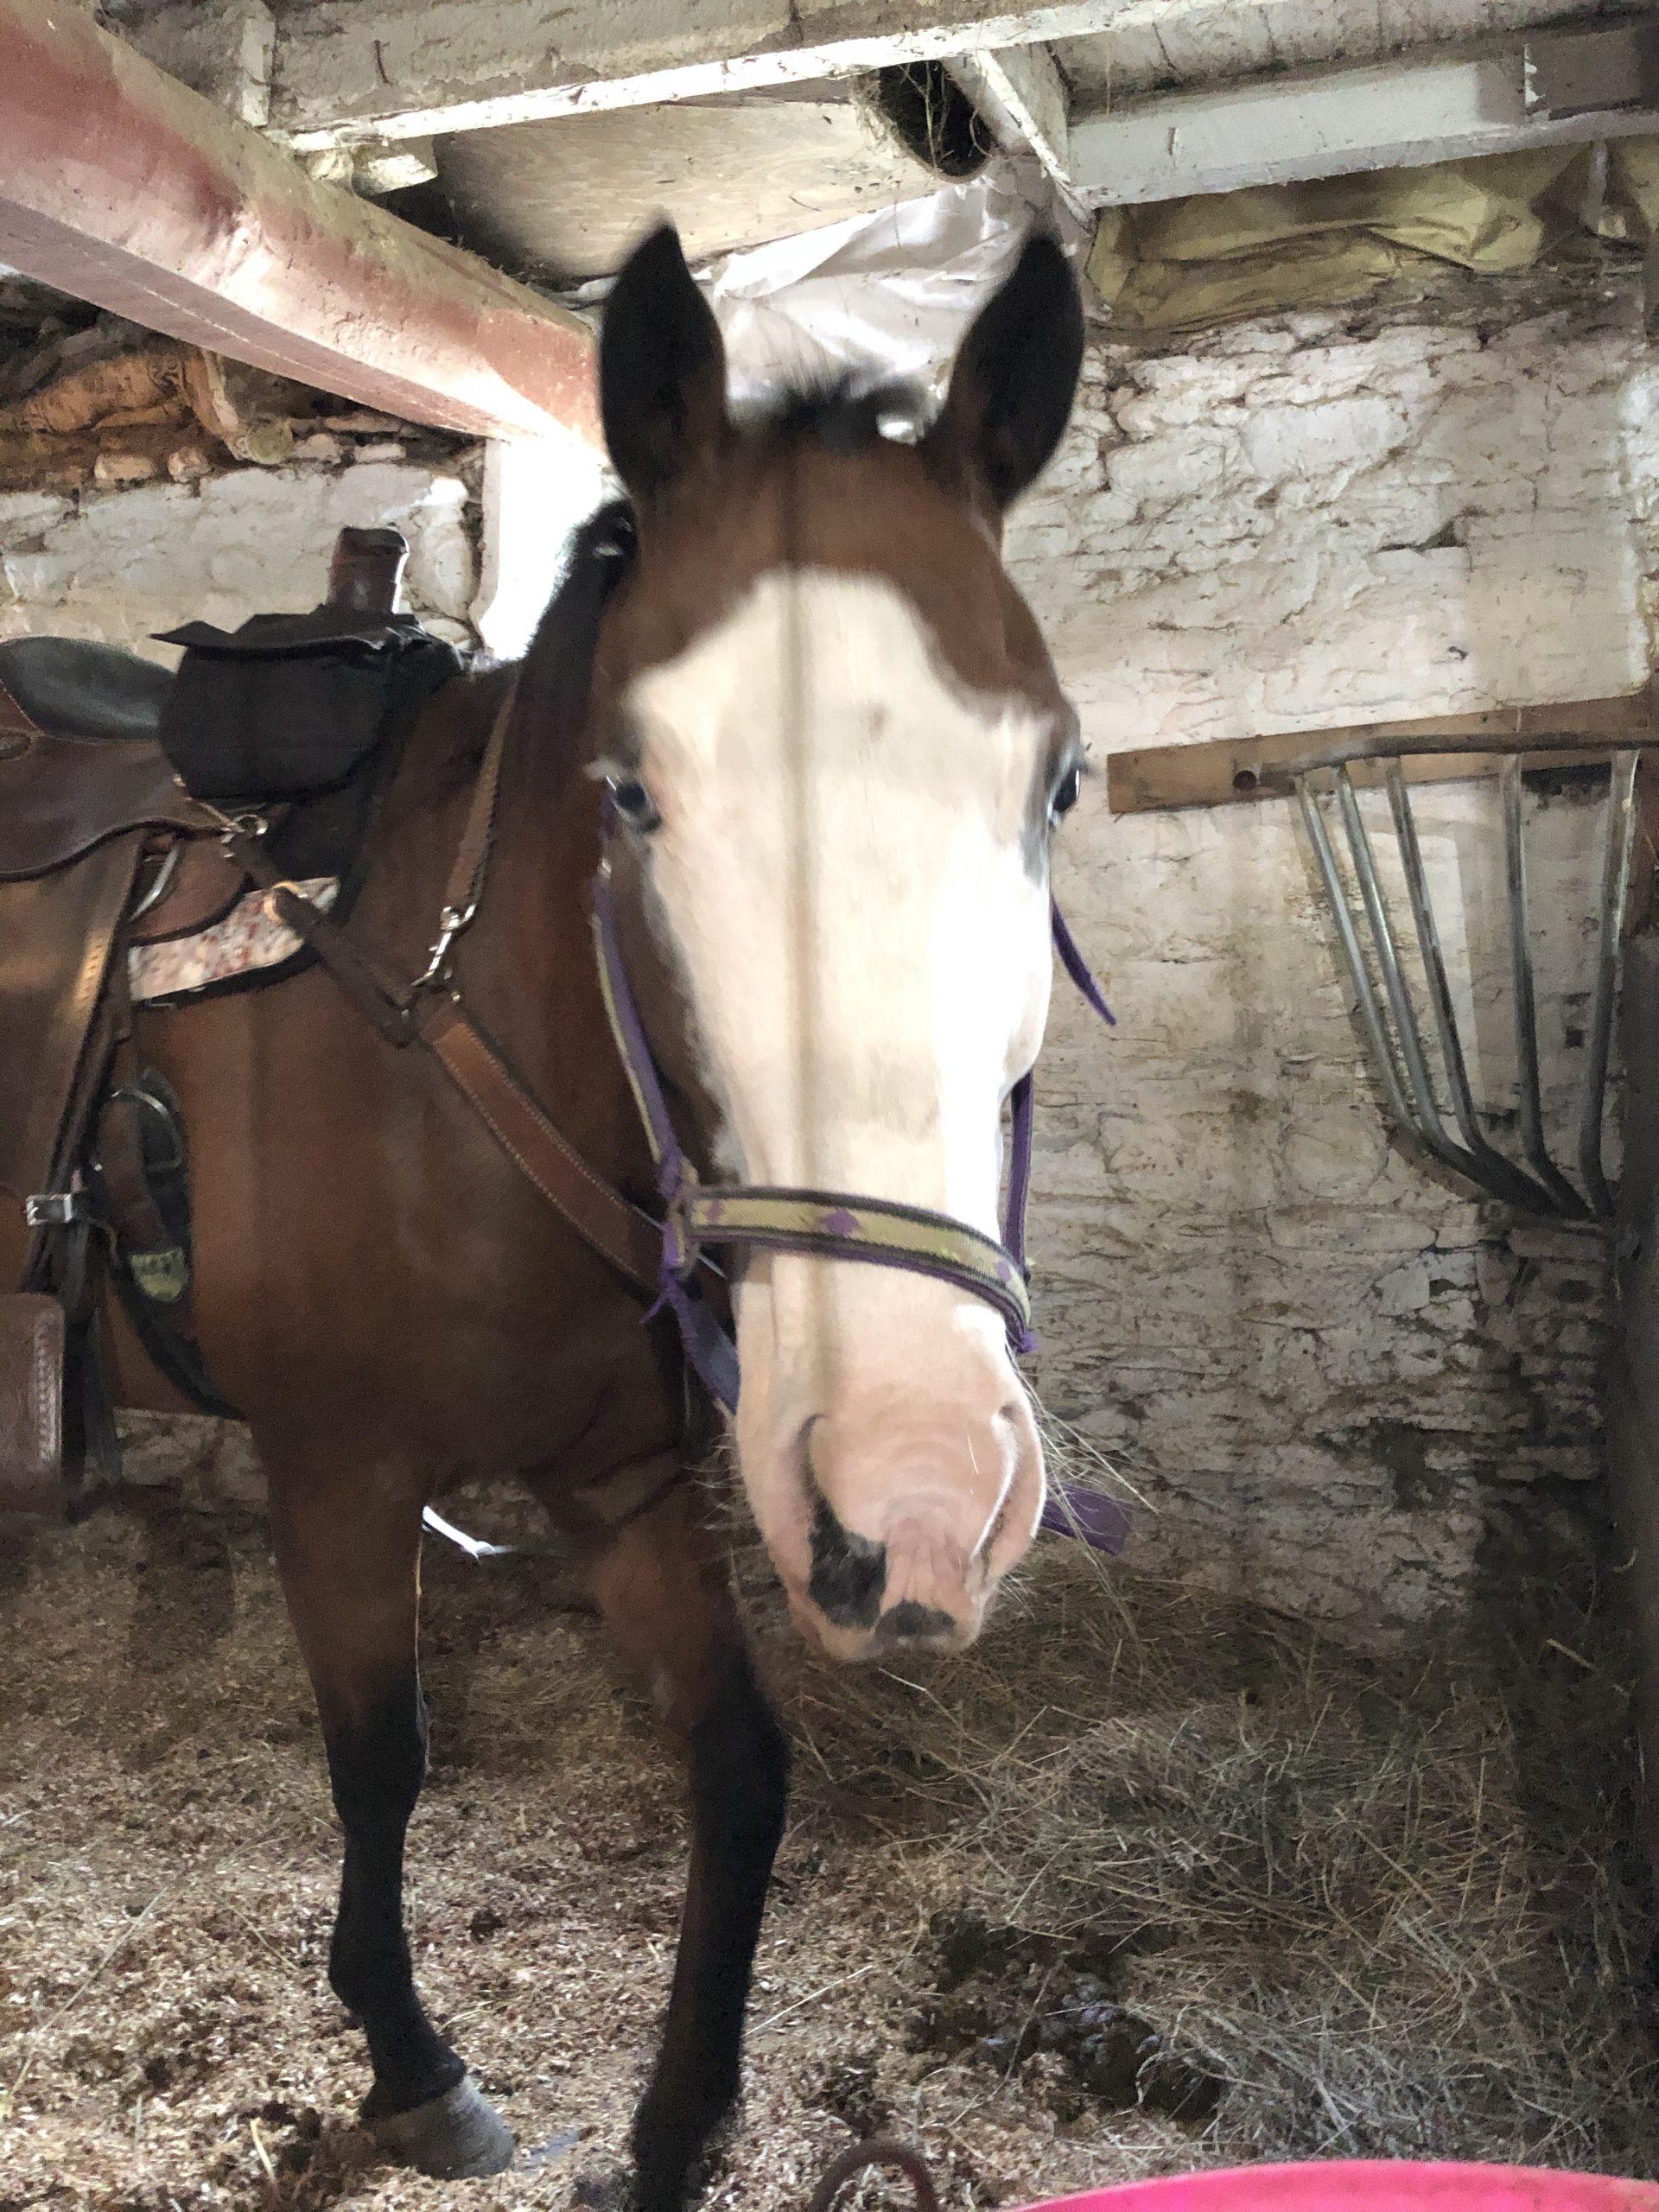 Patchwork Horseback Riding - Kash